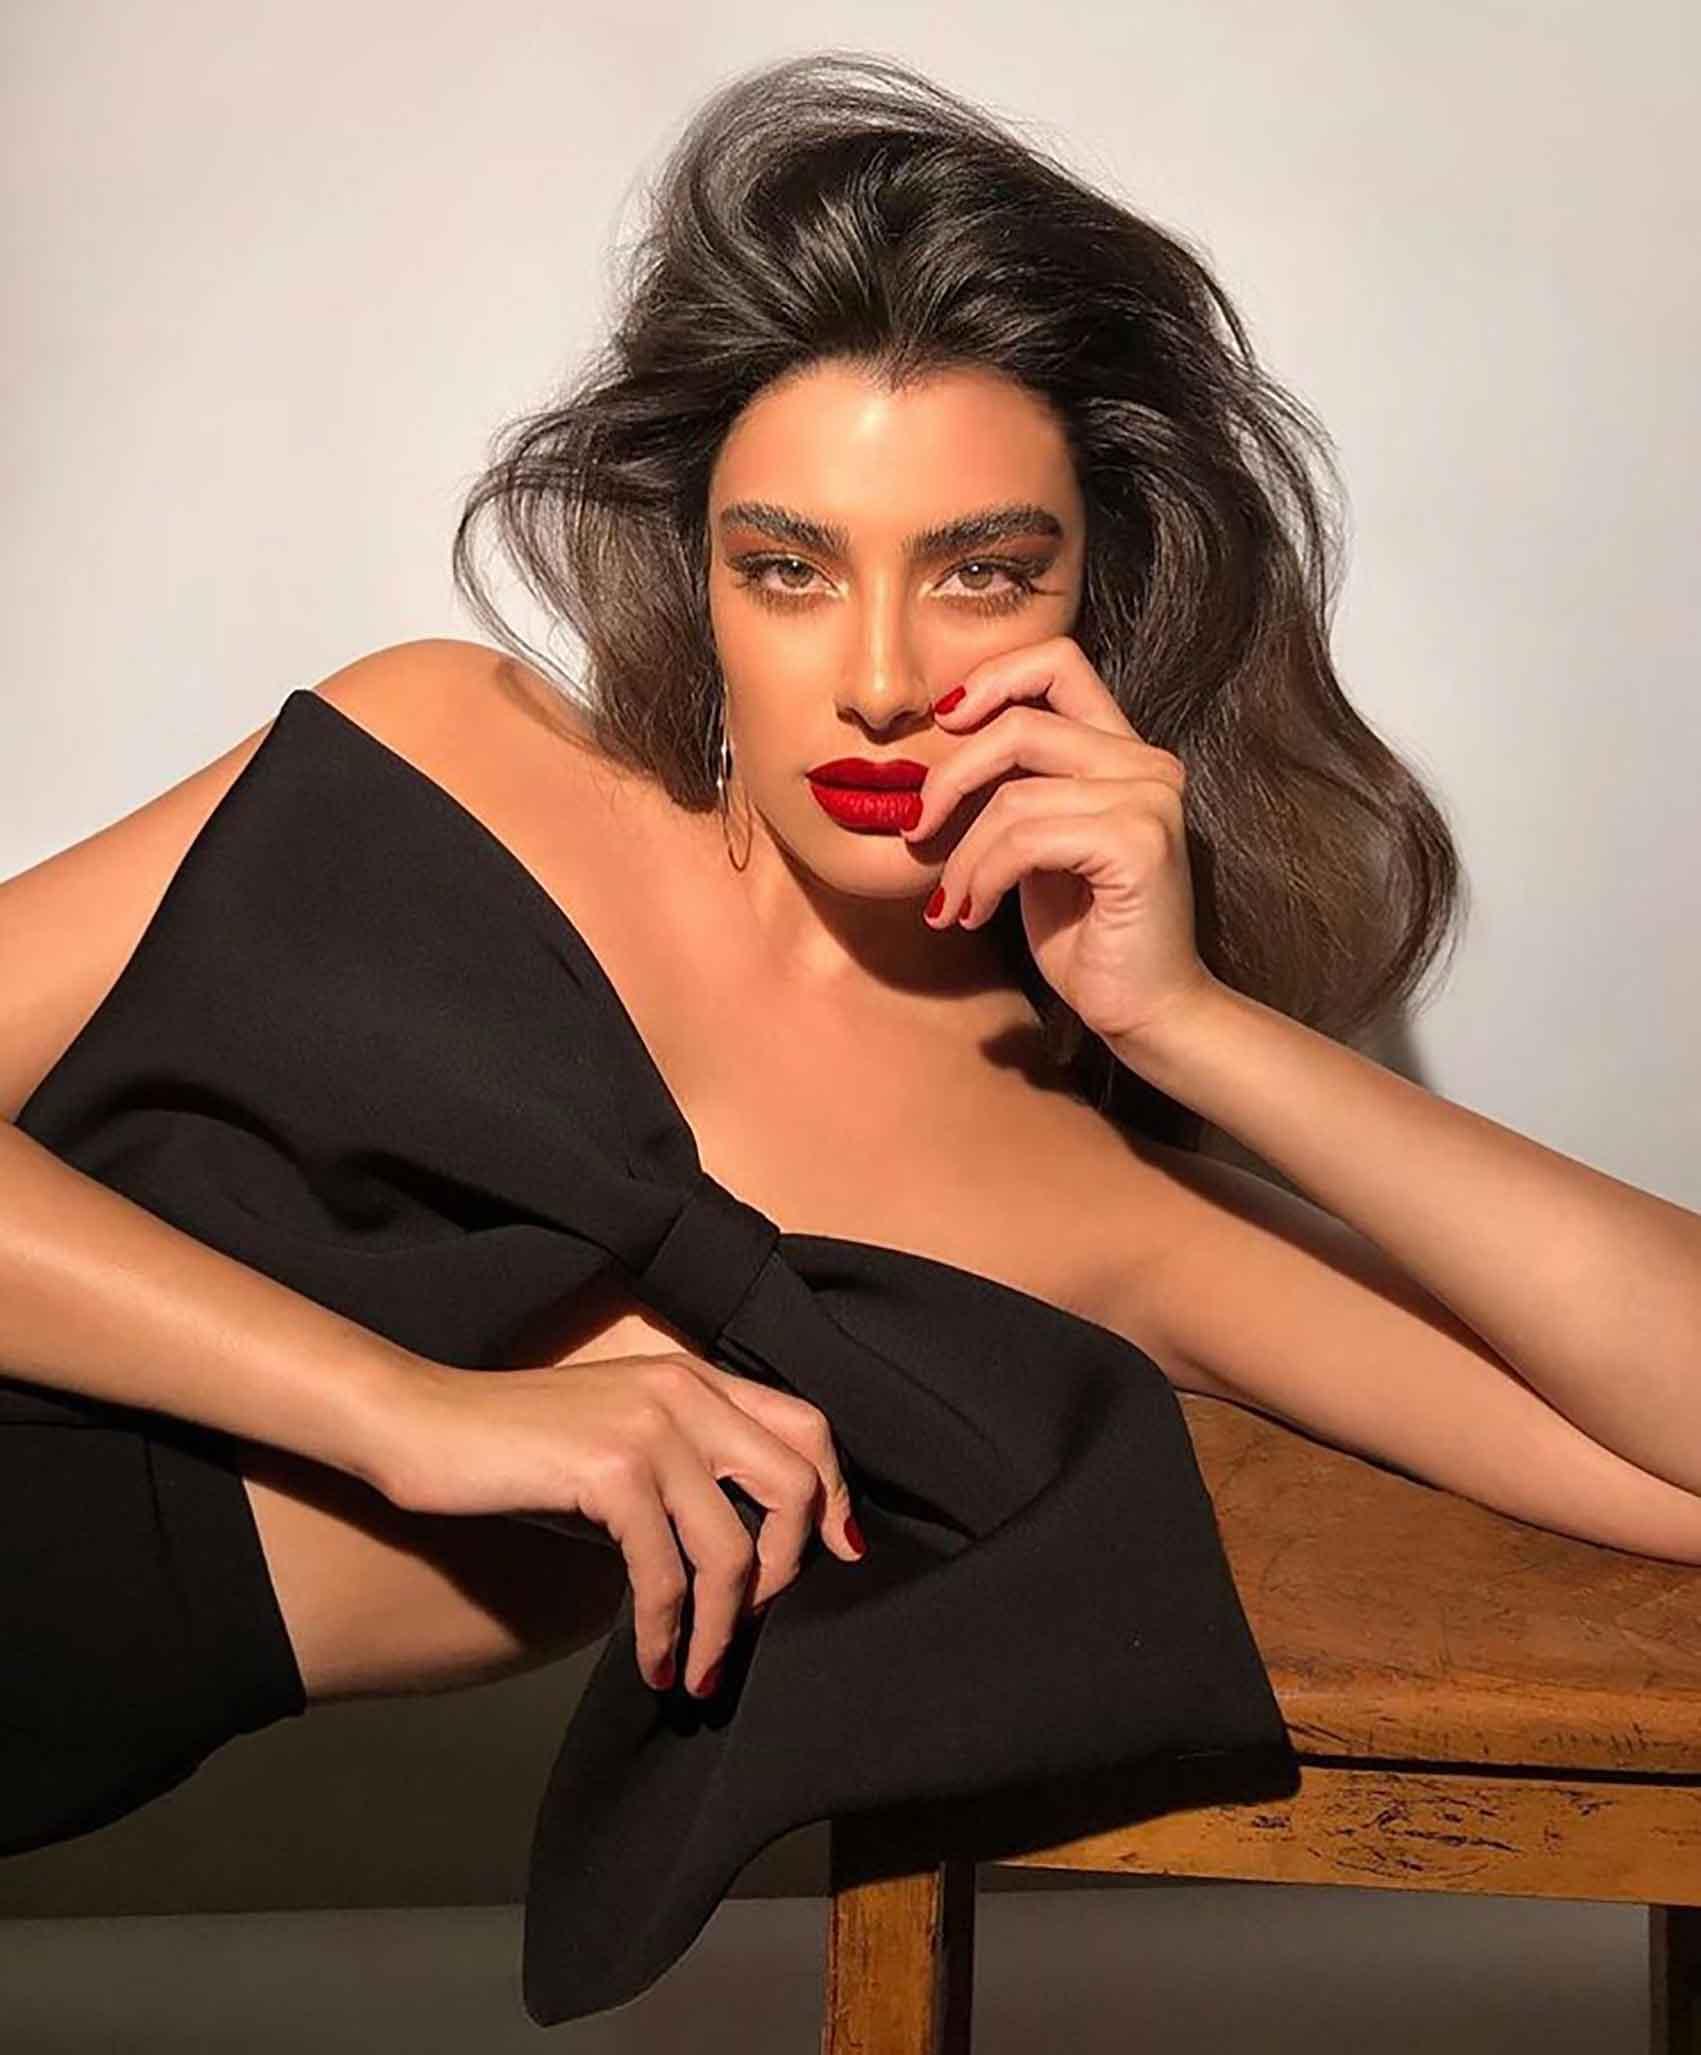 אין-דהאן-קולקיית-גמר-שנקר-2020-מגזין-אופנה-סטייל-טרנדים